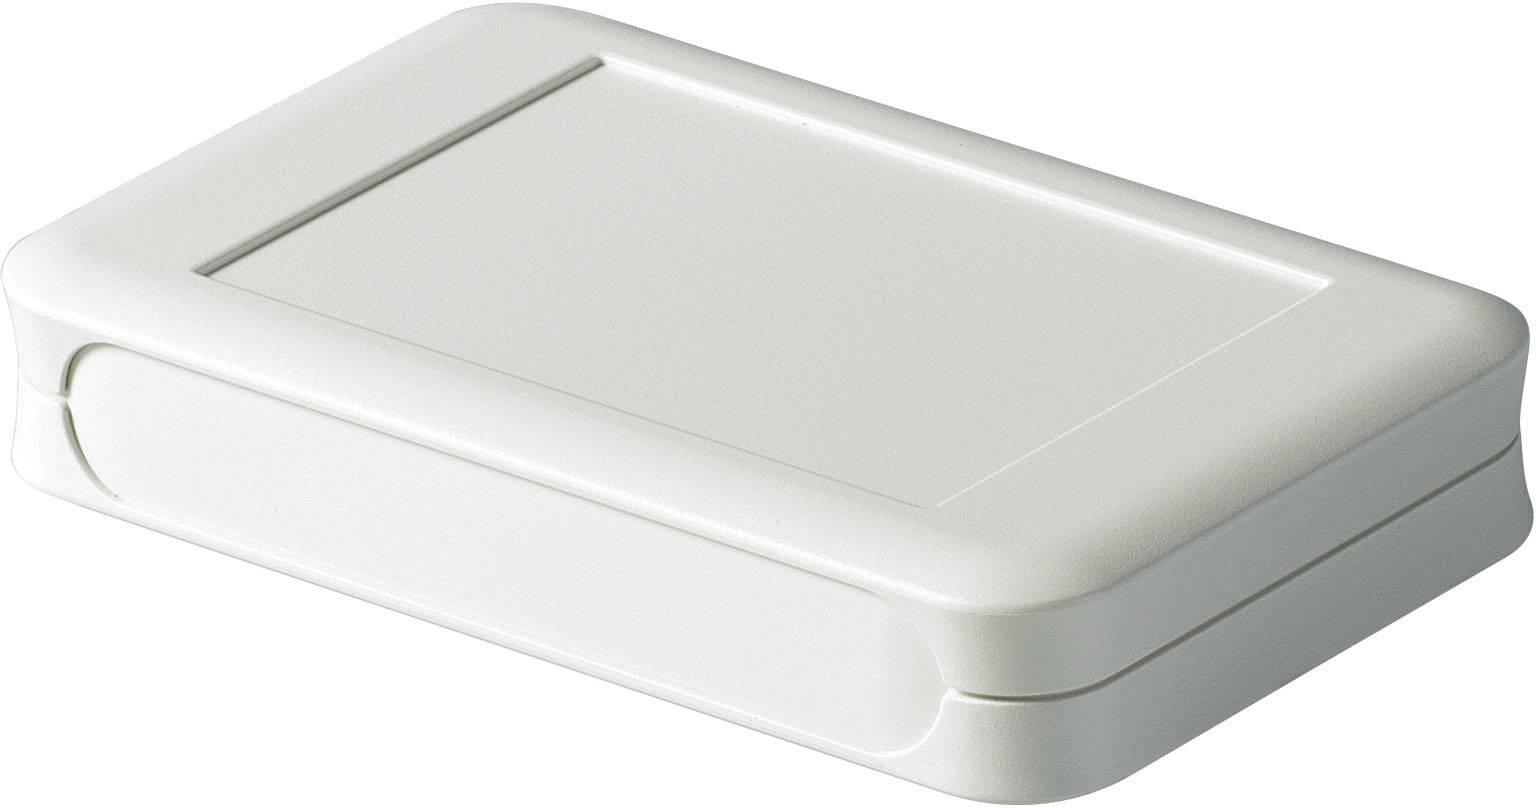 Stolní/nástěnné pouzdro ABS OKW D9053107, (d x š x v) 92 x 150 x 28 mm, šedá